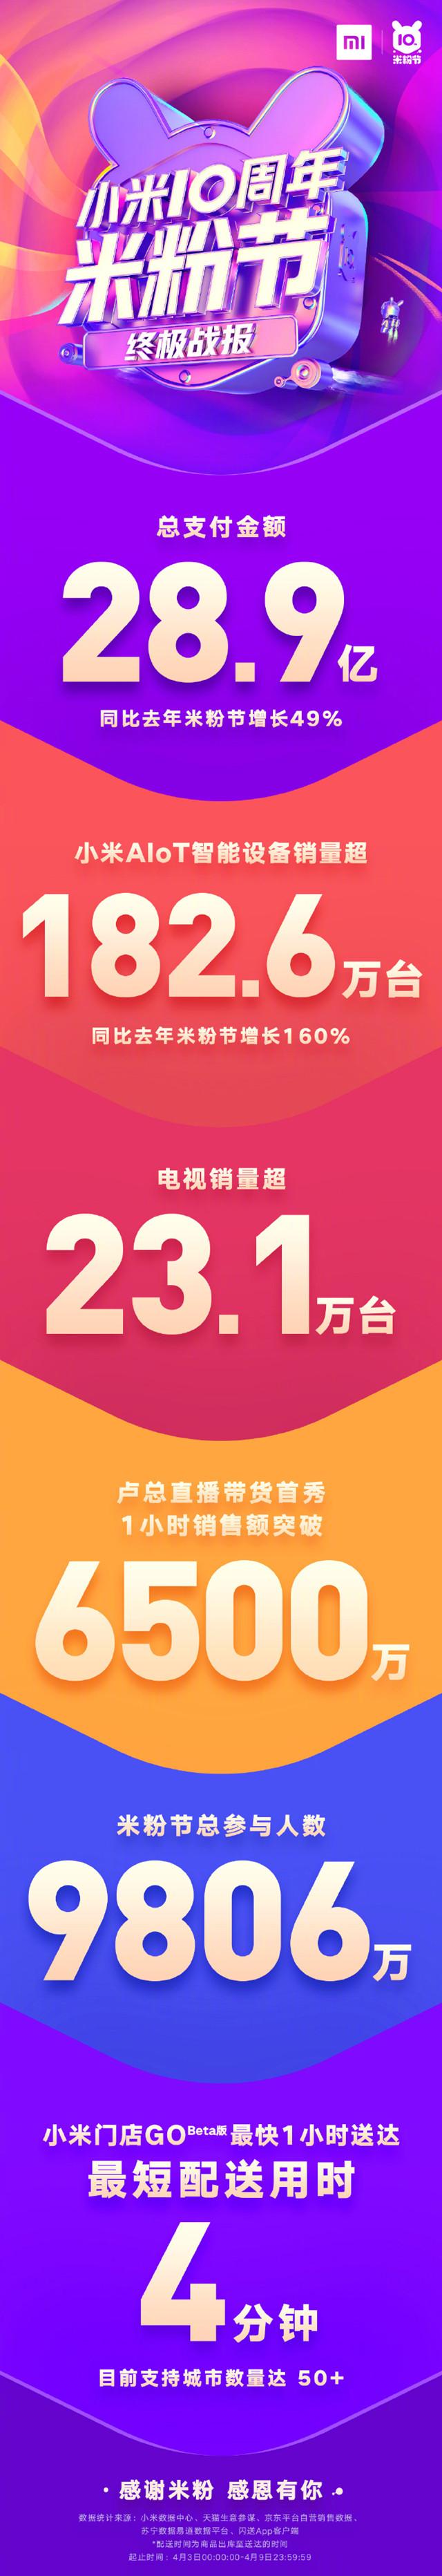 小米10周年米粉节终极战报新鲜出炉 支付金额近30亿